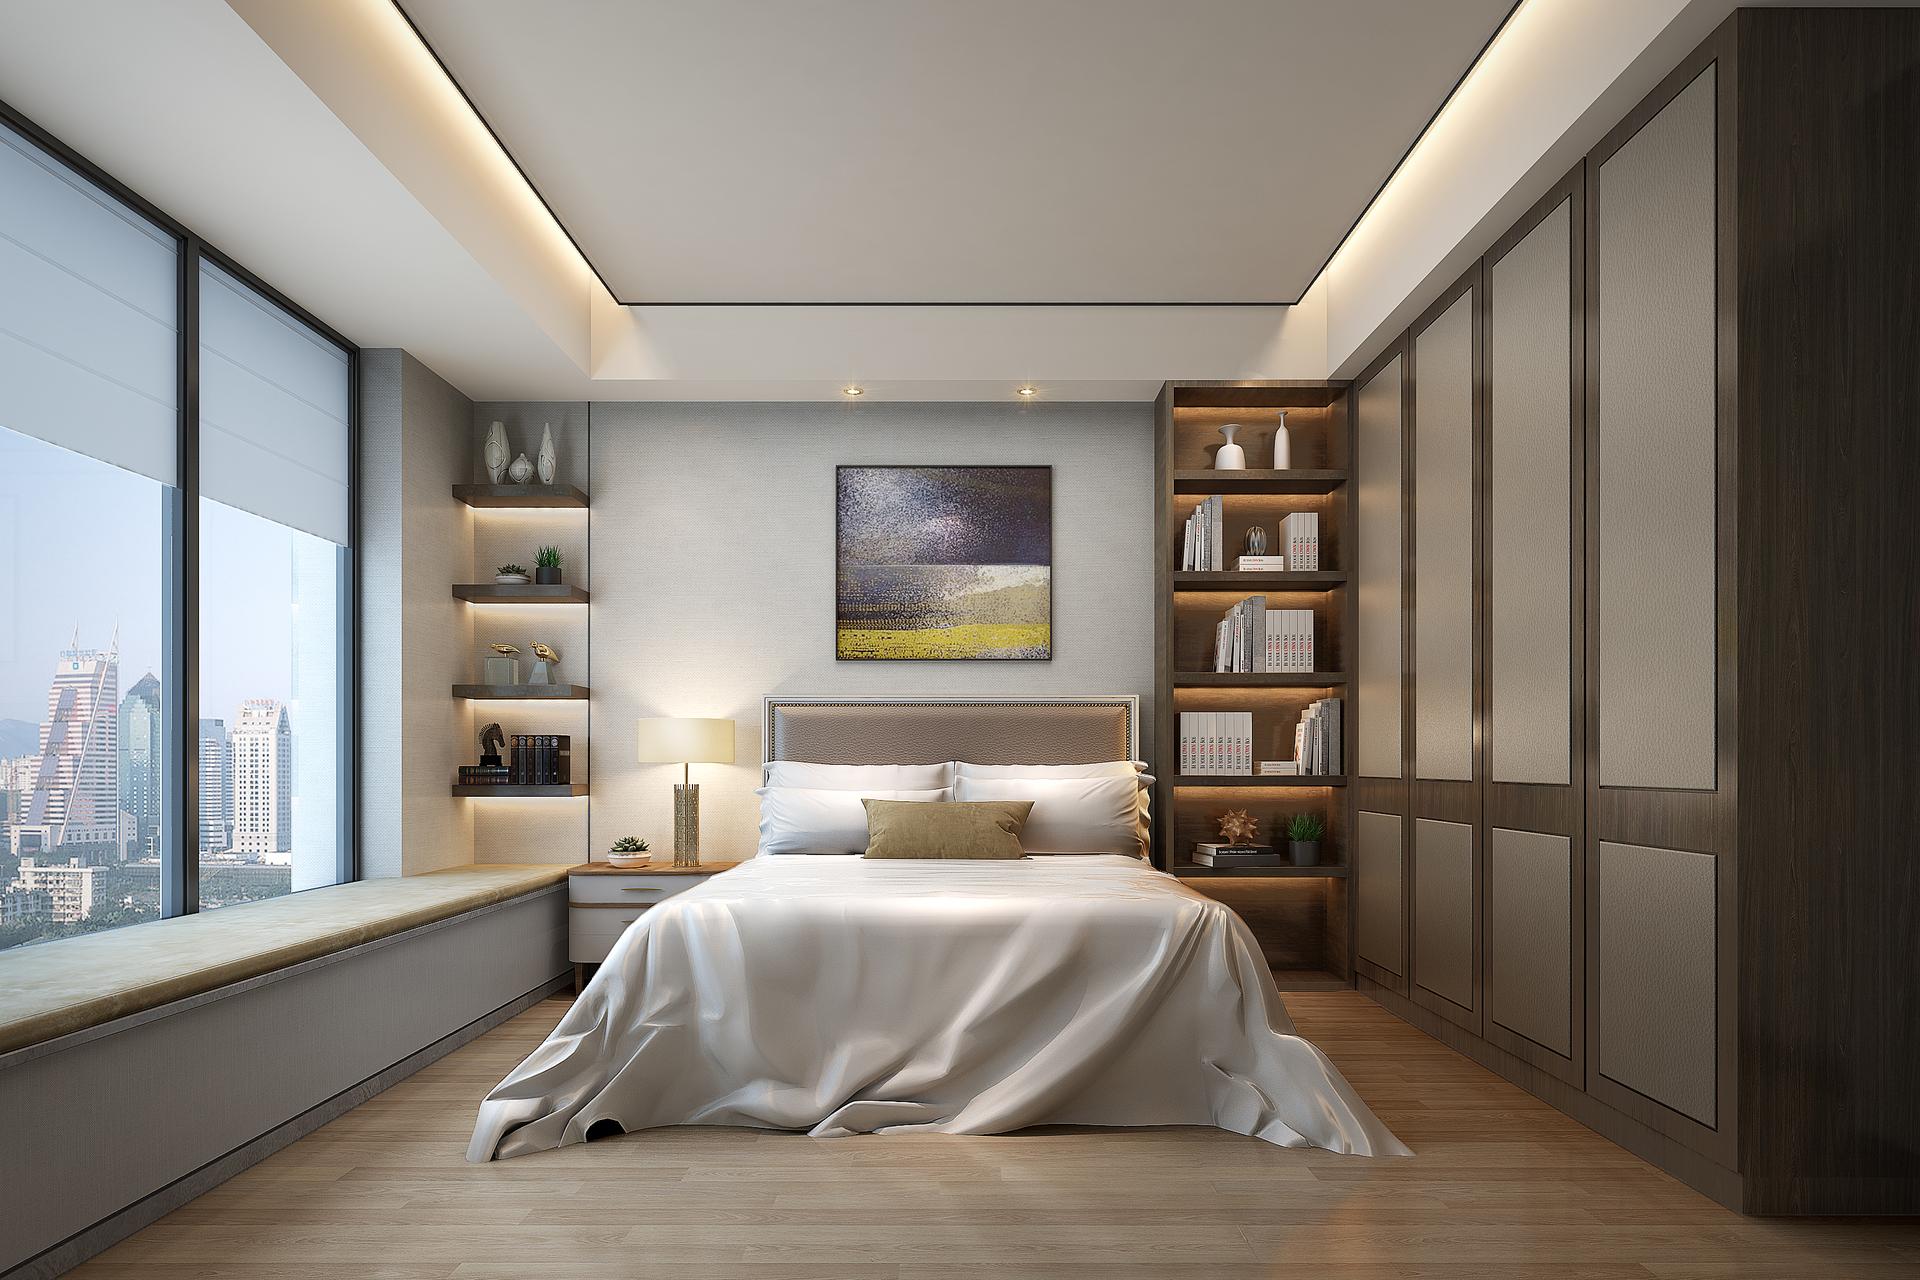 极简样板房设计中最常用的手法,线与面之间的比例关系非常微妙, 通过